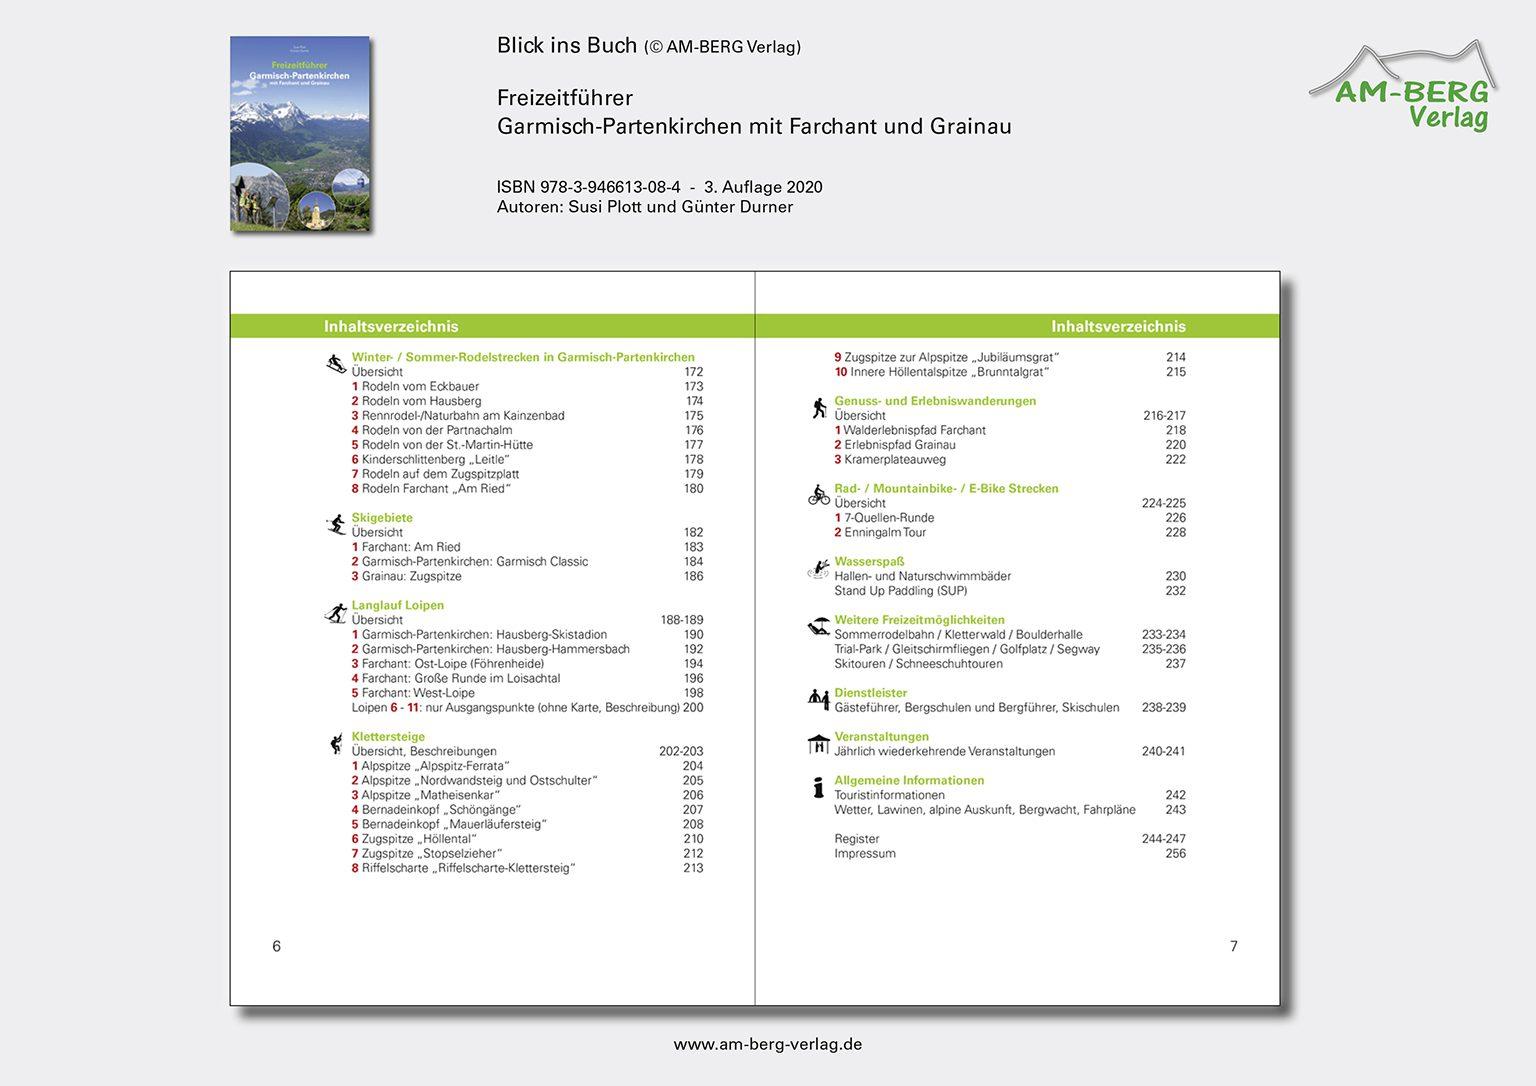 Freizeitführer Garmisch-Partenkirchen mit Farchant und Grainau_BlickinsBuch04